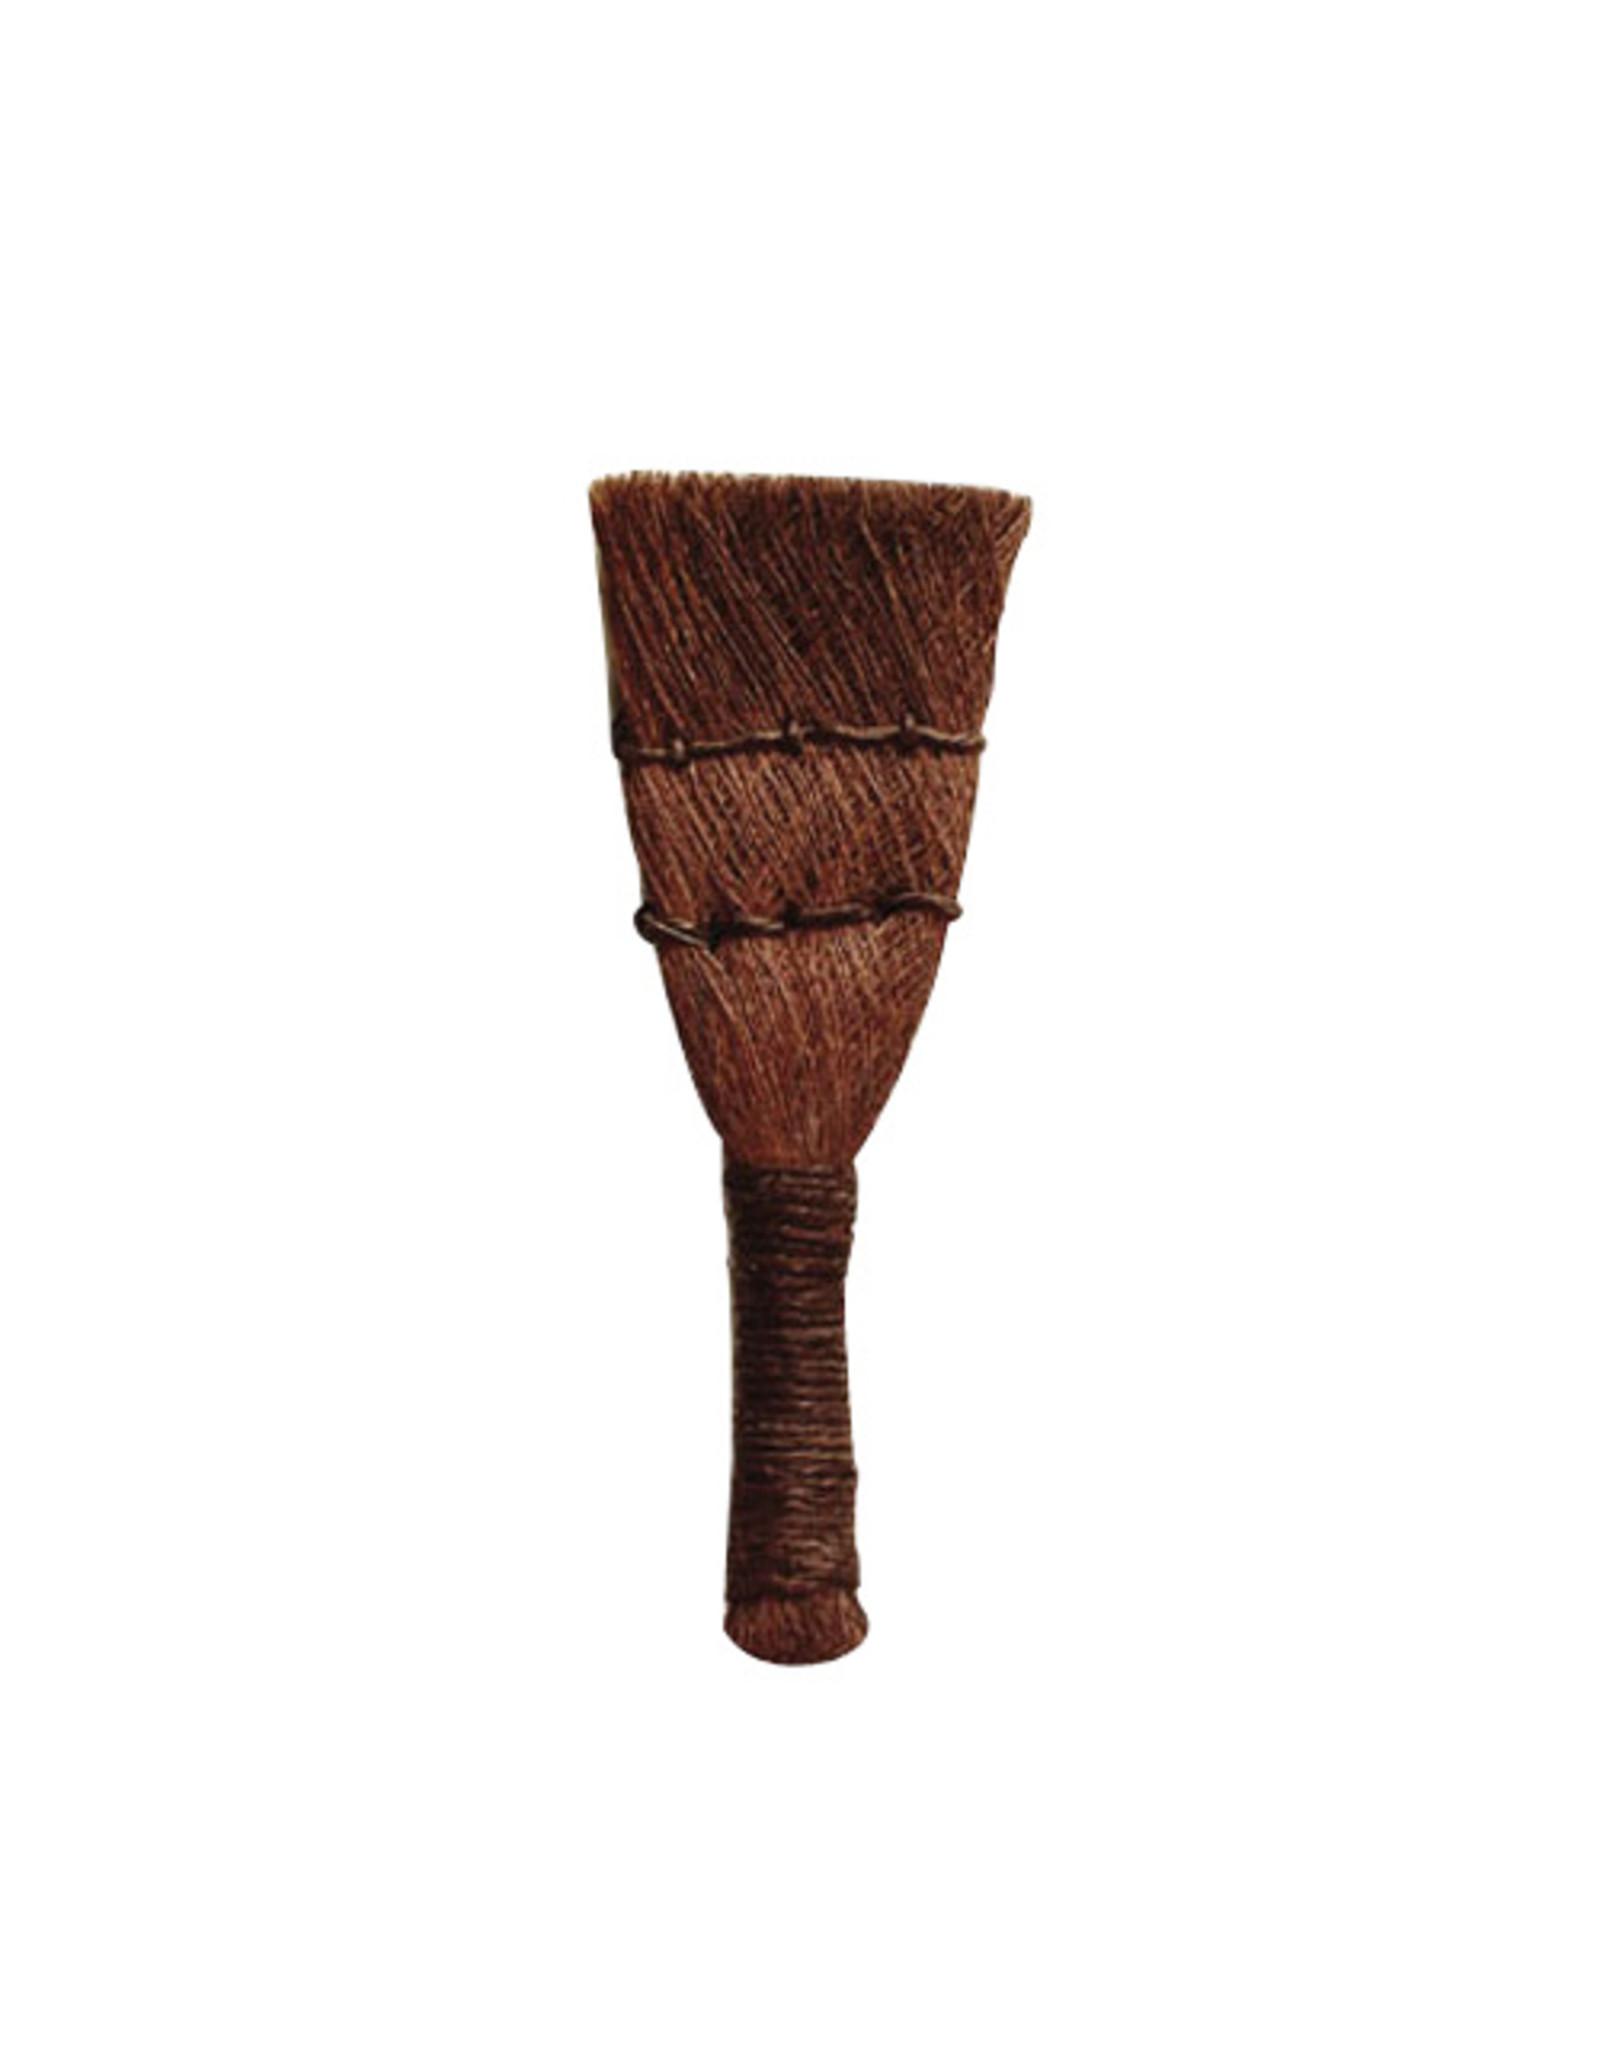 Bonsai Brush